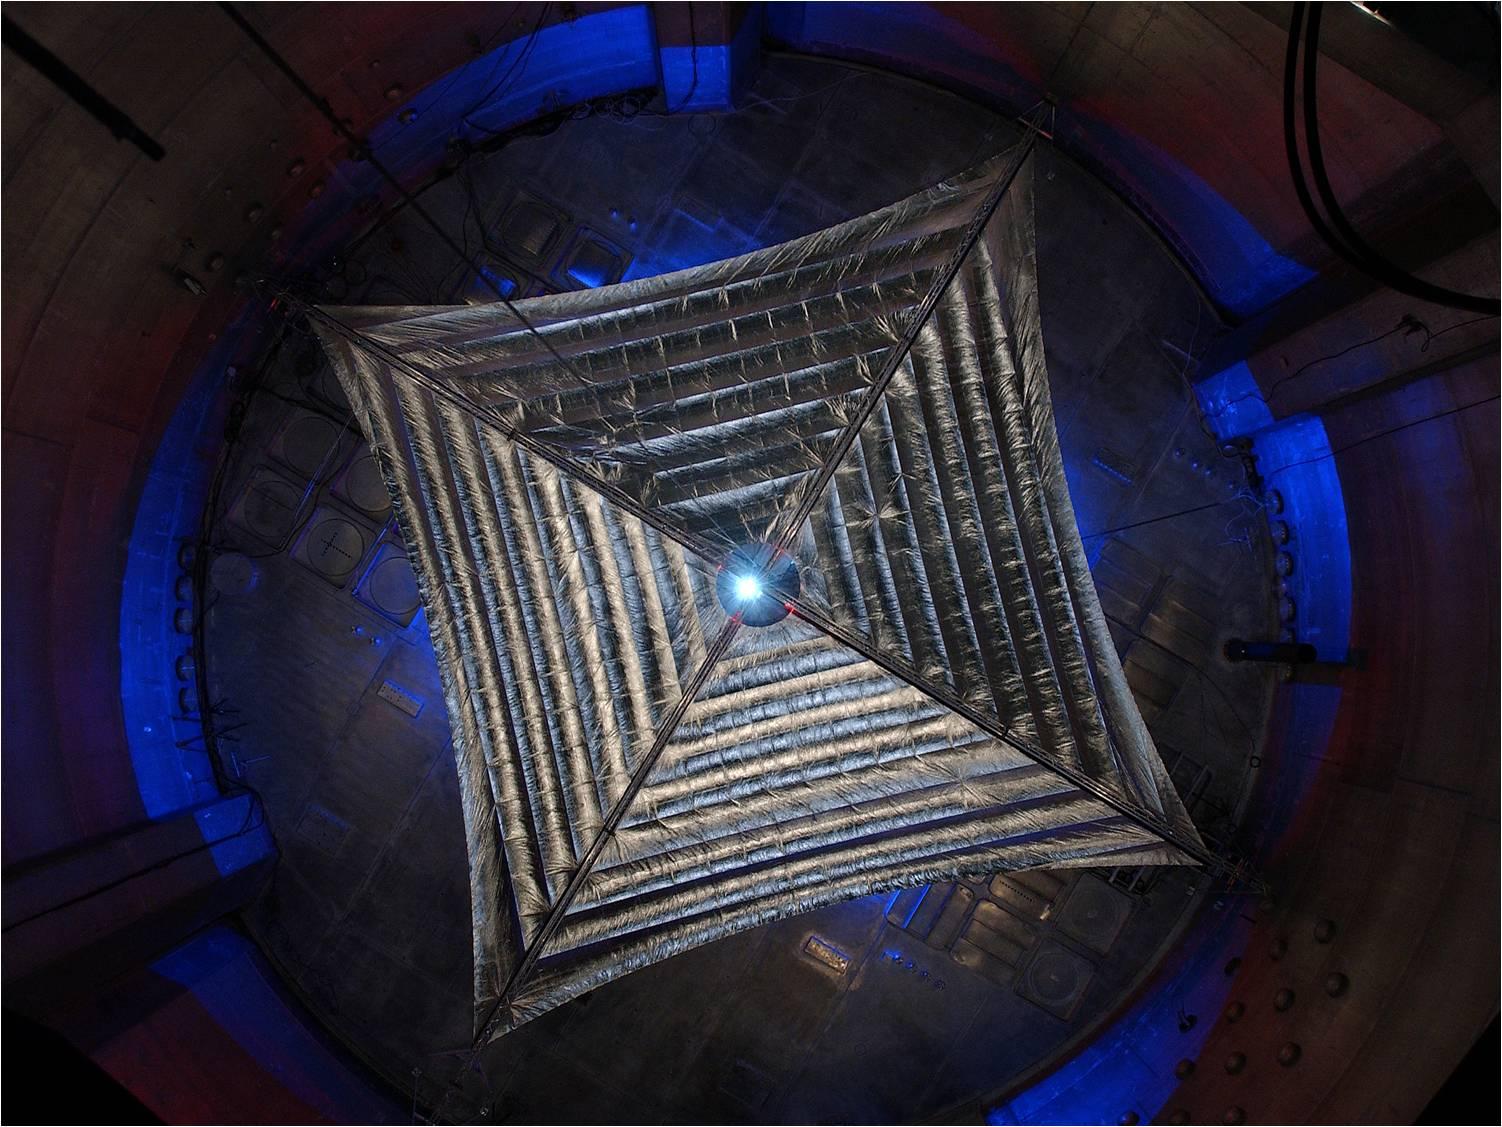 Солнечный парус Sunjammer проходит испытания перед запуском